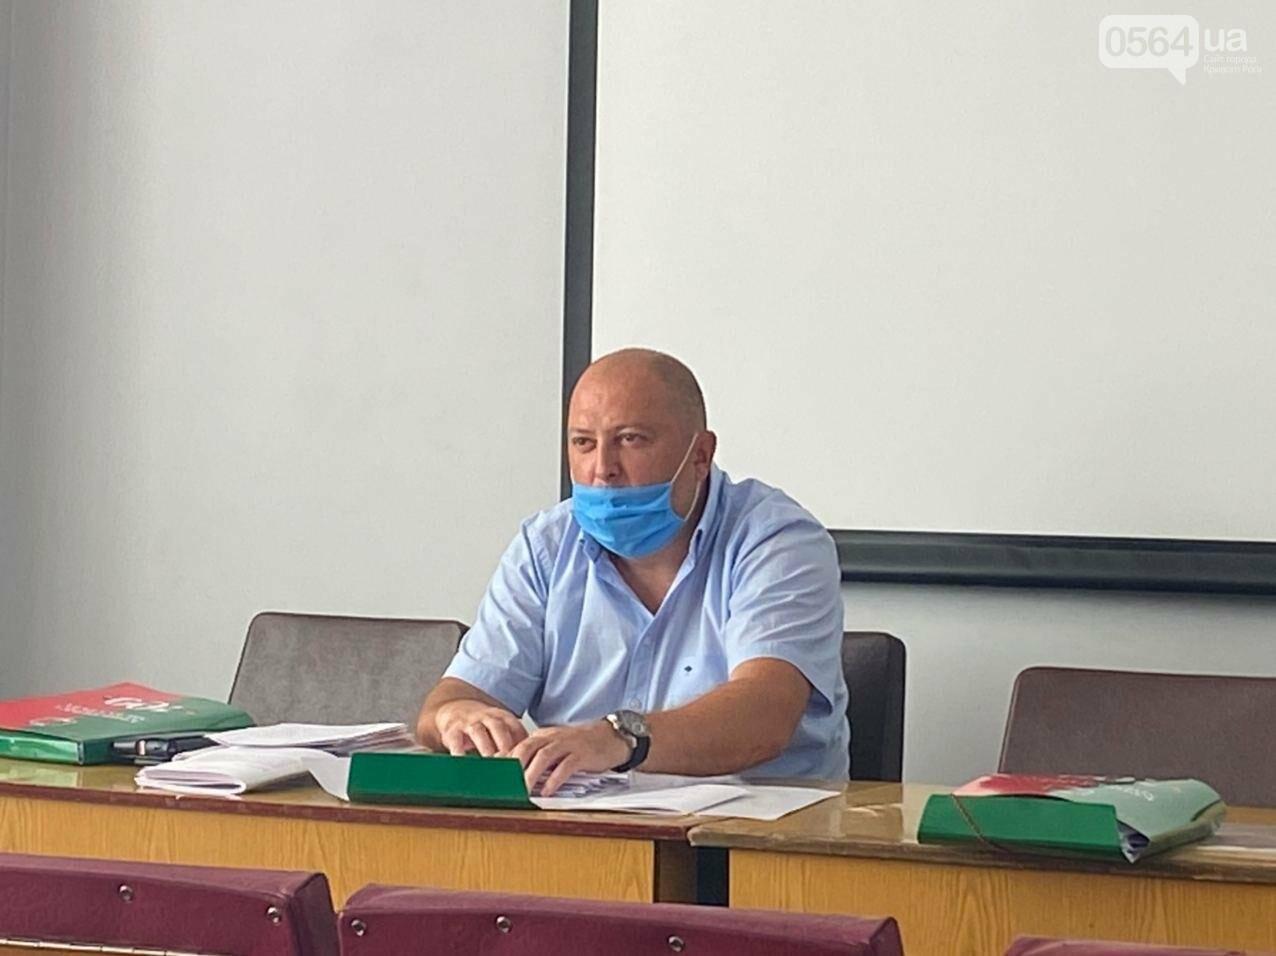 В Кривом Роге открылась сессия горсовета. Некоторые комиссии не смогли провести заседания, - ФОТО, фото-3